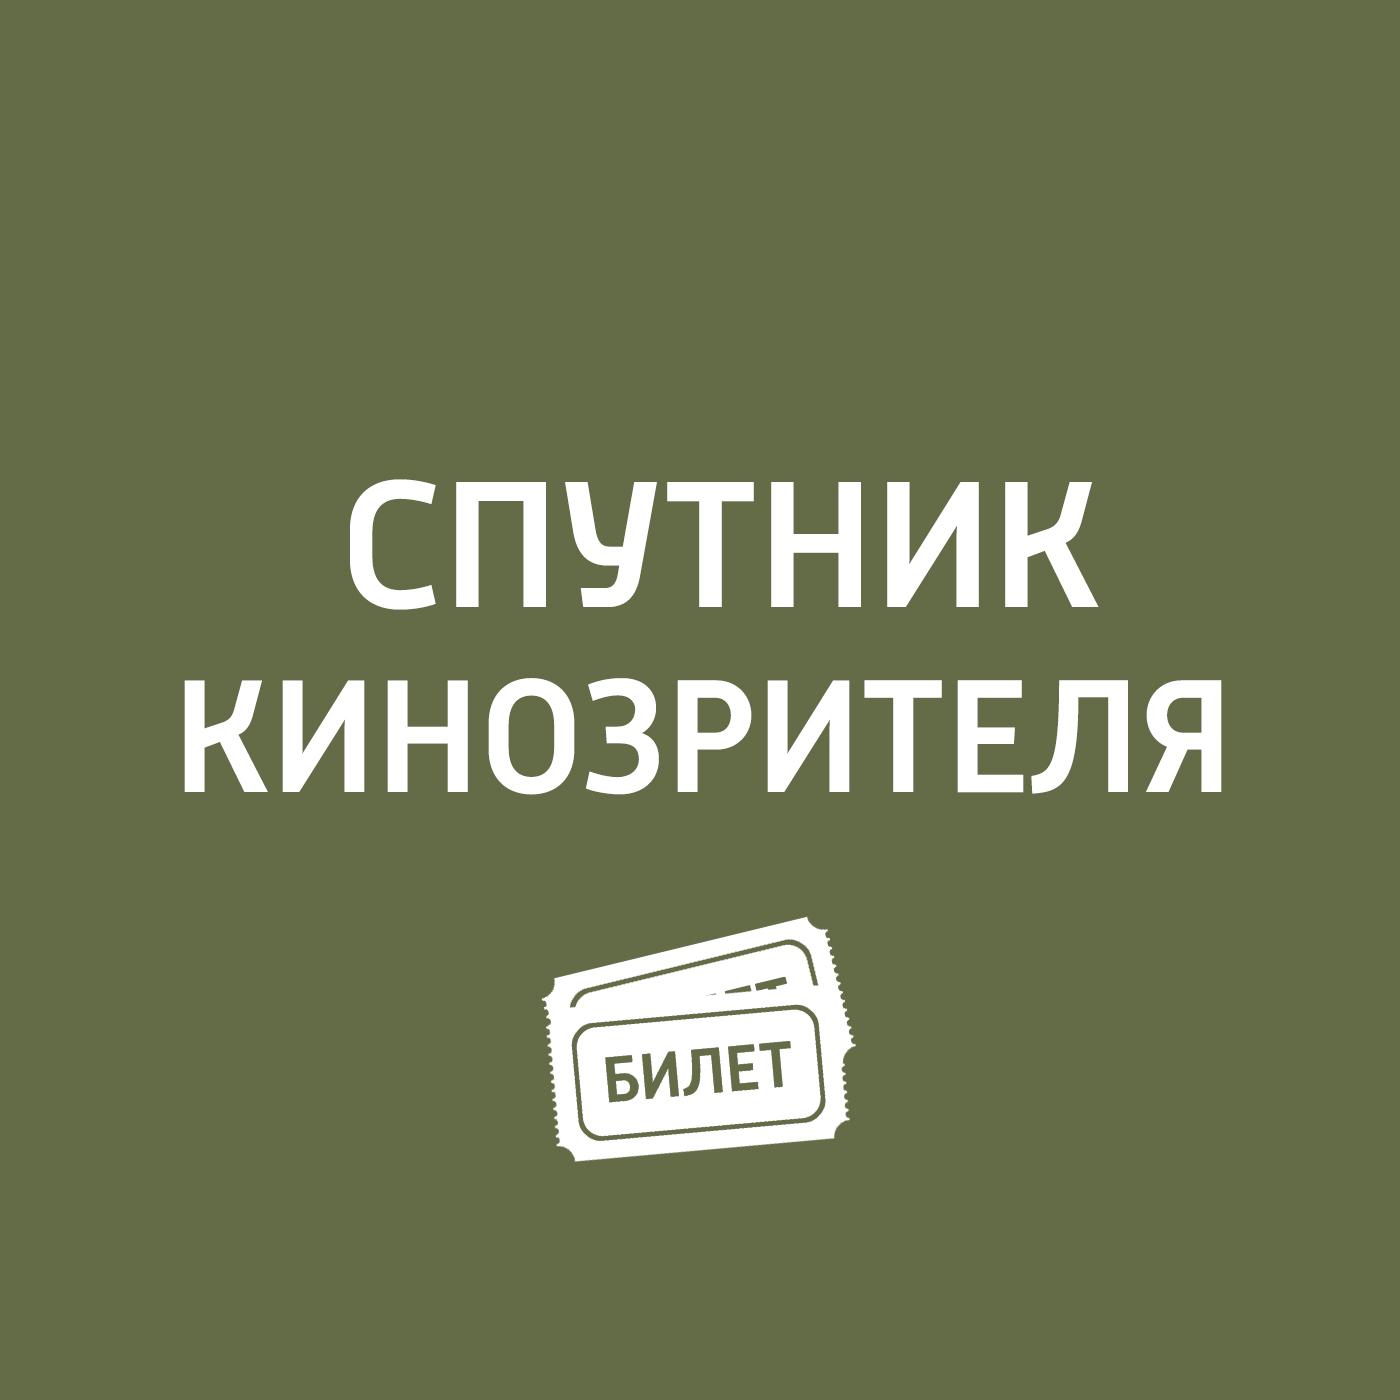 Антон Долин Форс-мажор, «Мстители 2: Эра Альтрона